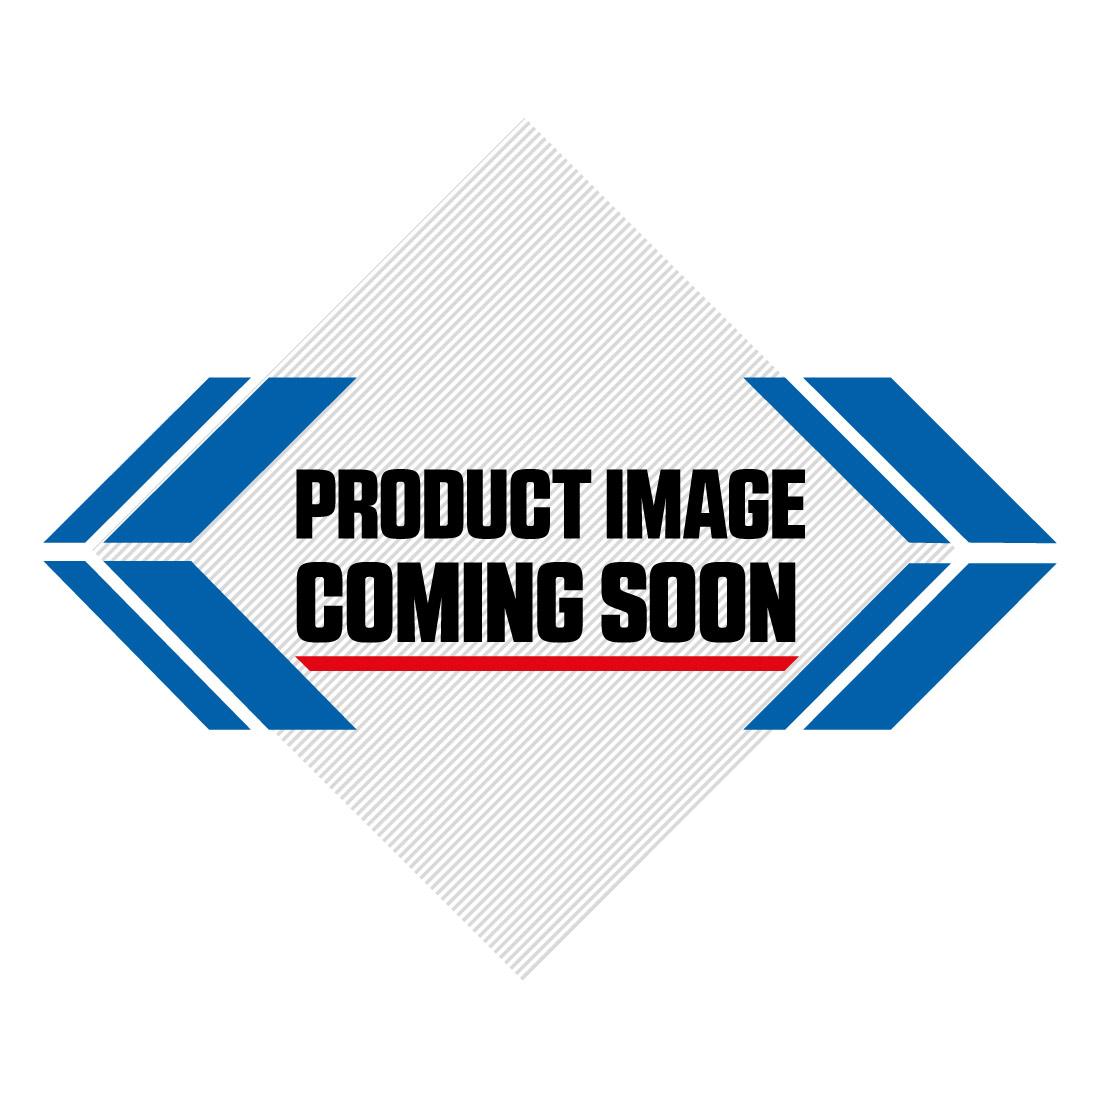 UFO KTM Plastic Kit OEM Factory (2017) Image-4>